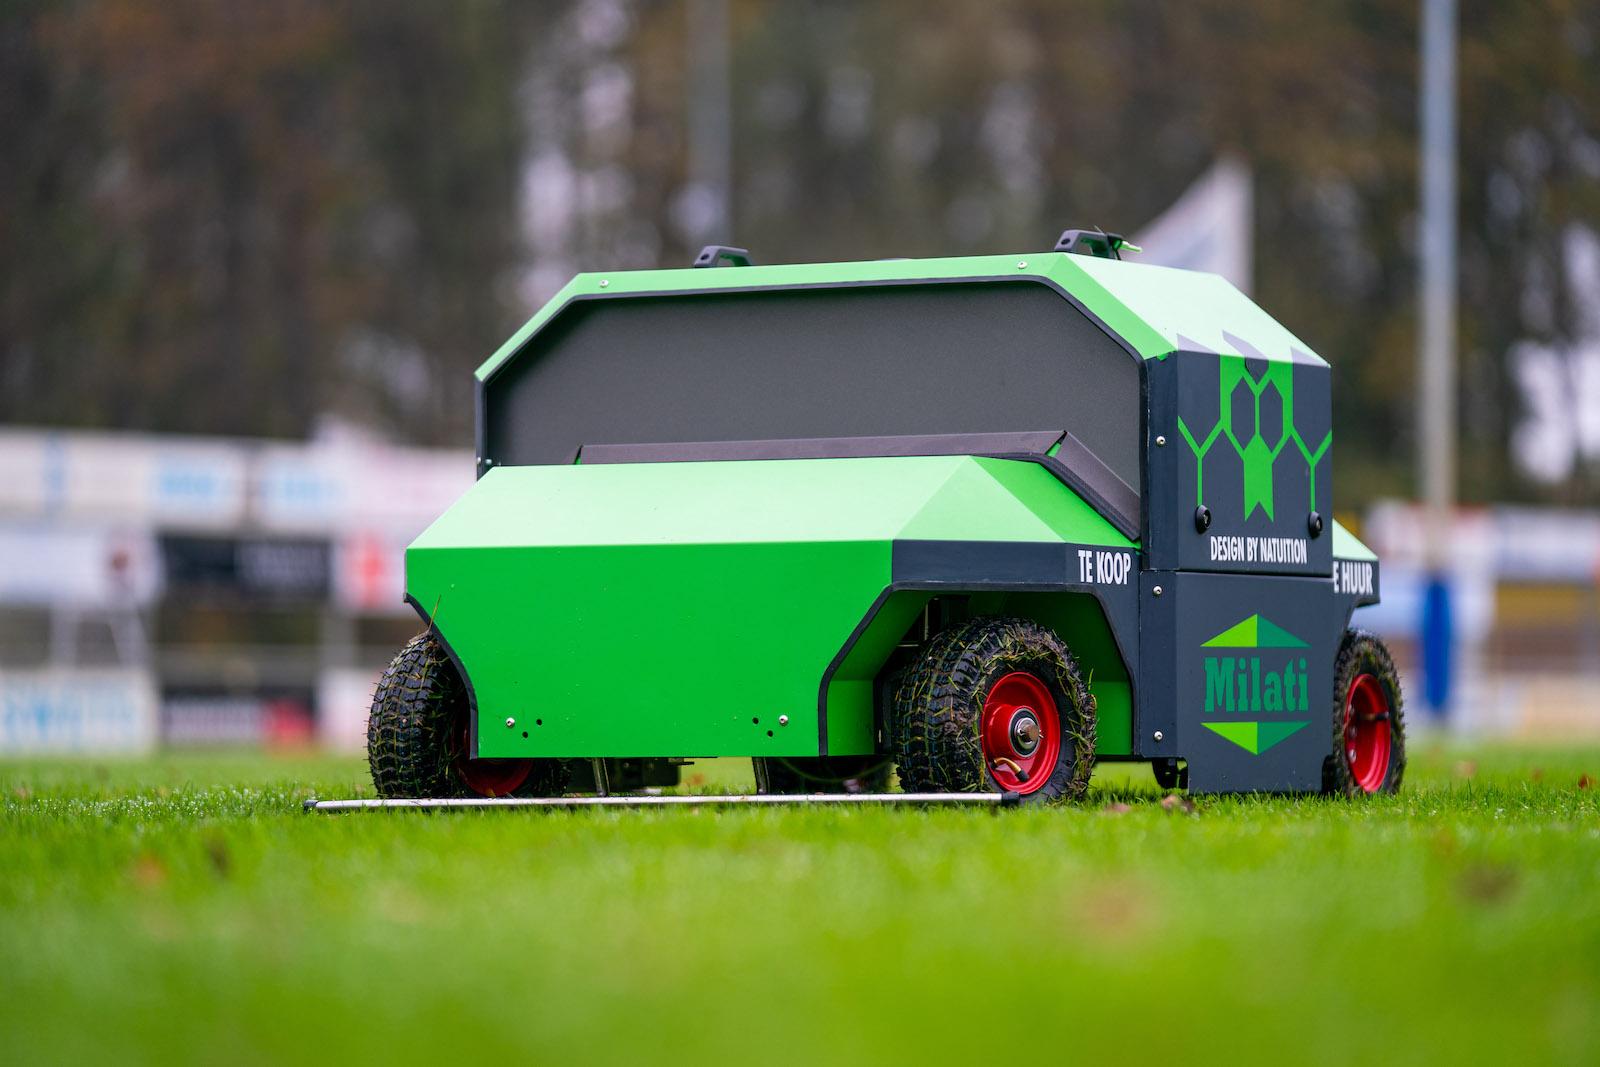 Milati Violette onkruidrobot in actie op het gras